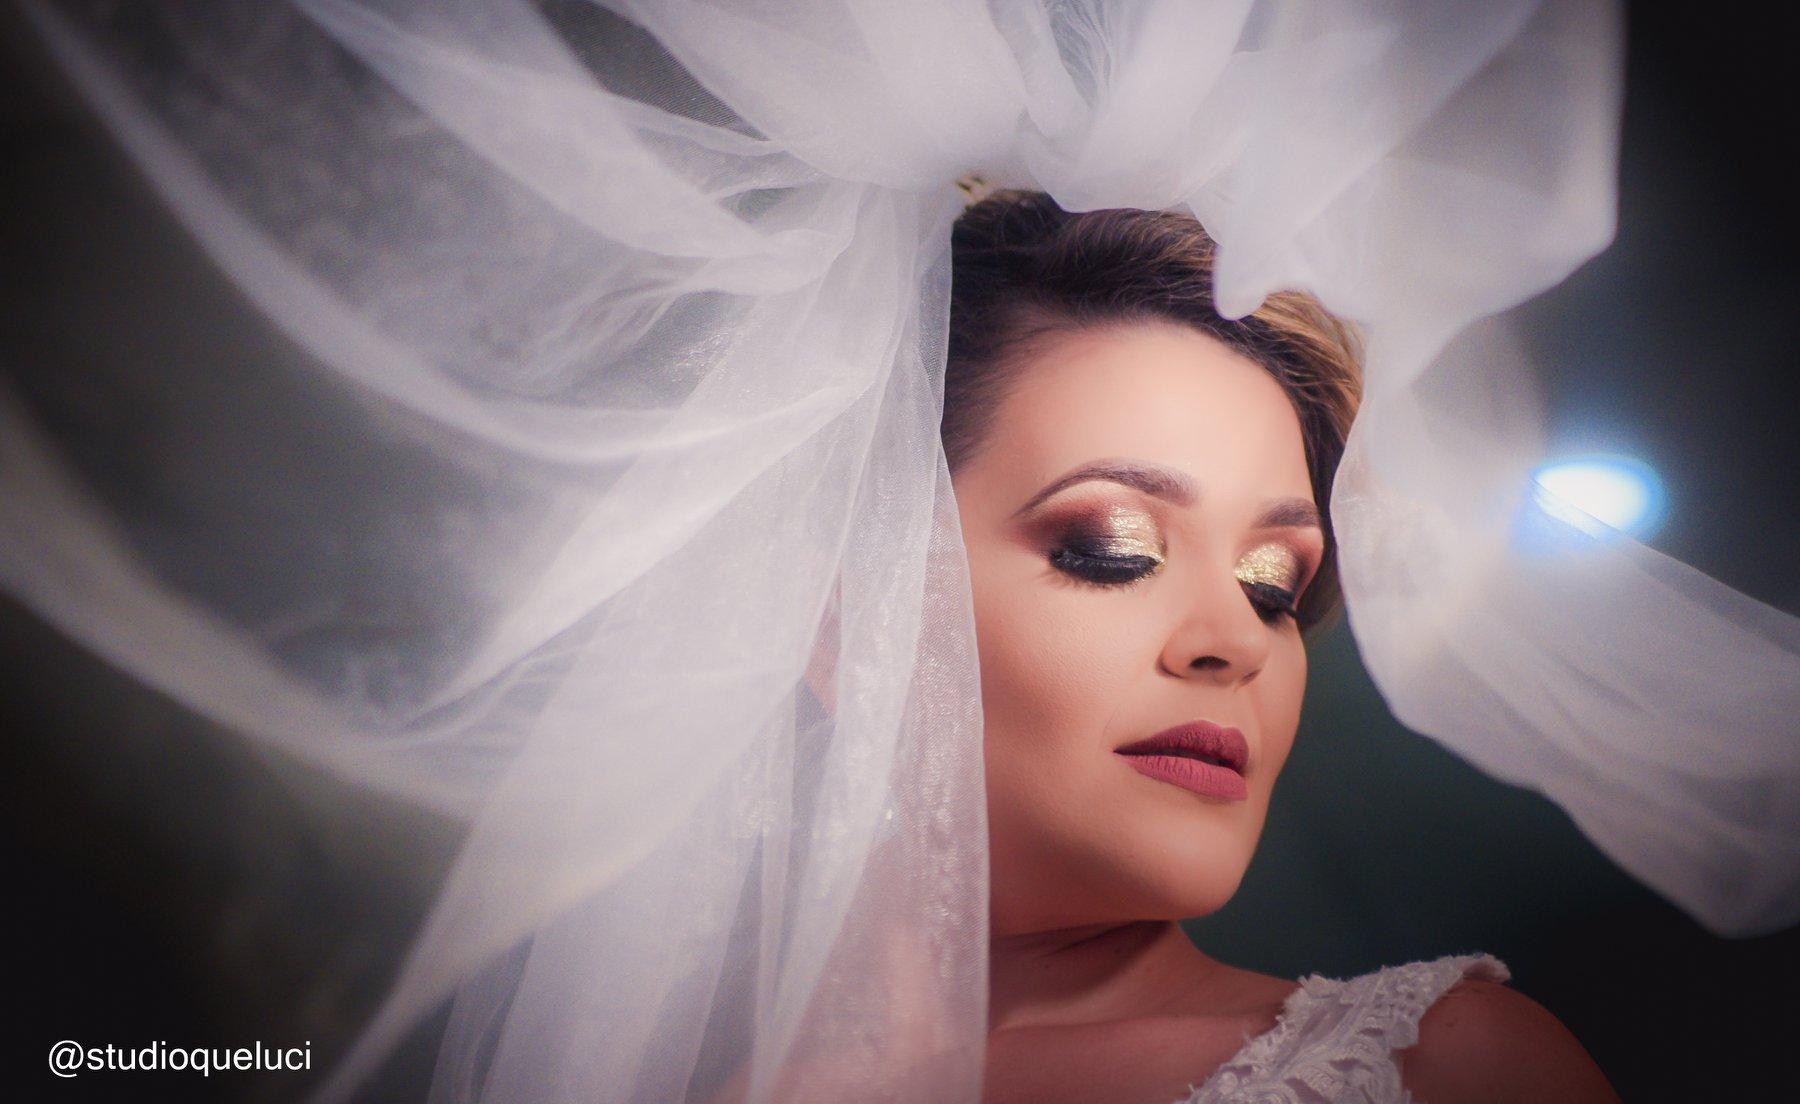 fotografo de casamentos (2)